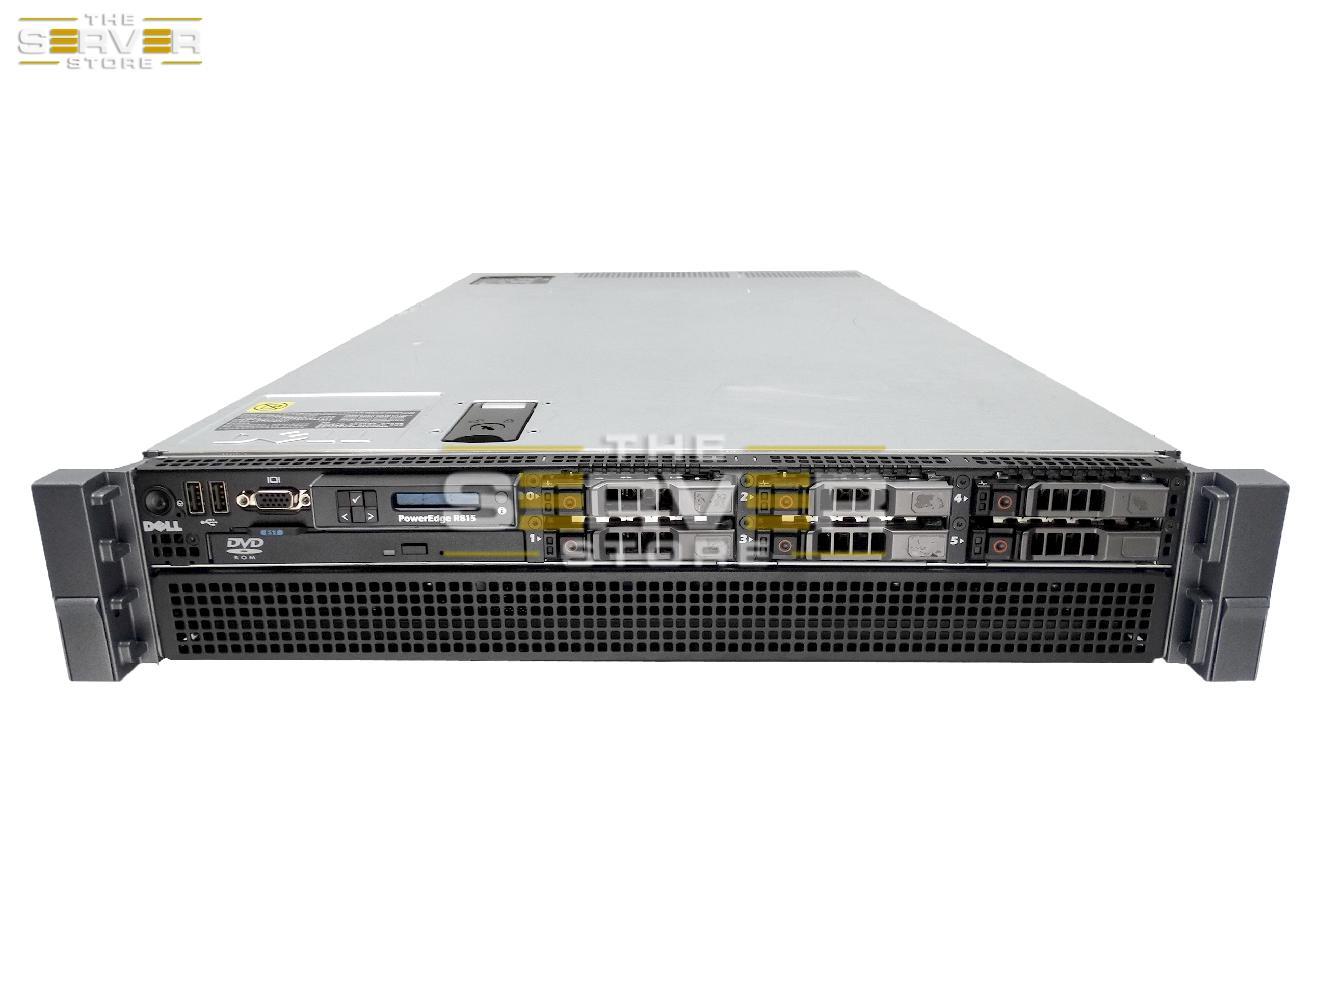 Dell PowerEdge R815 6x 2U SFF Server